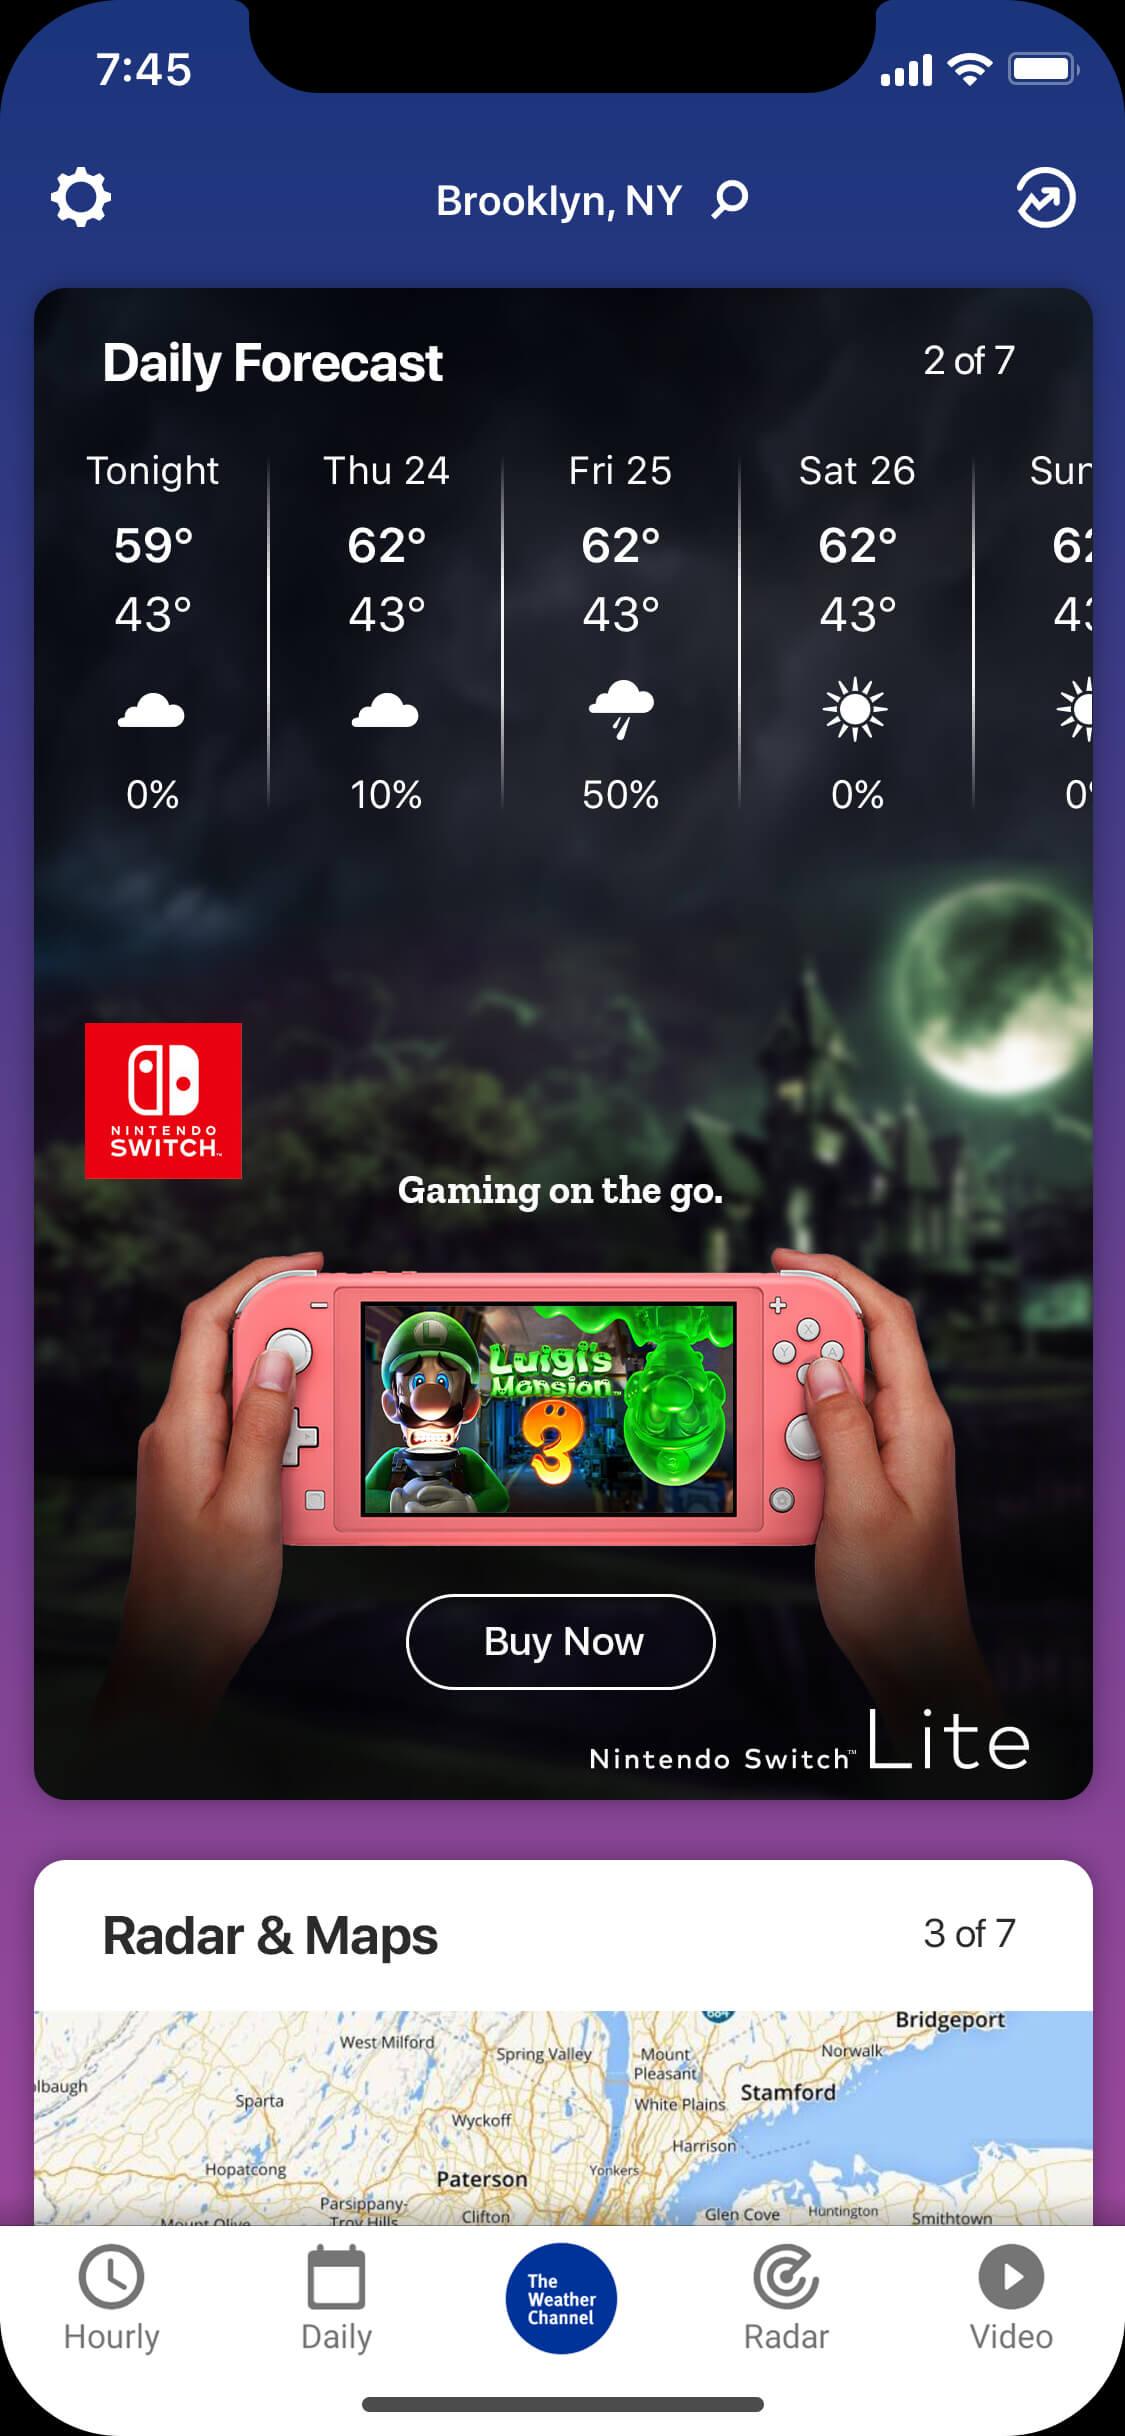 Nintendo_Swith_Lite_IF_Mock